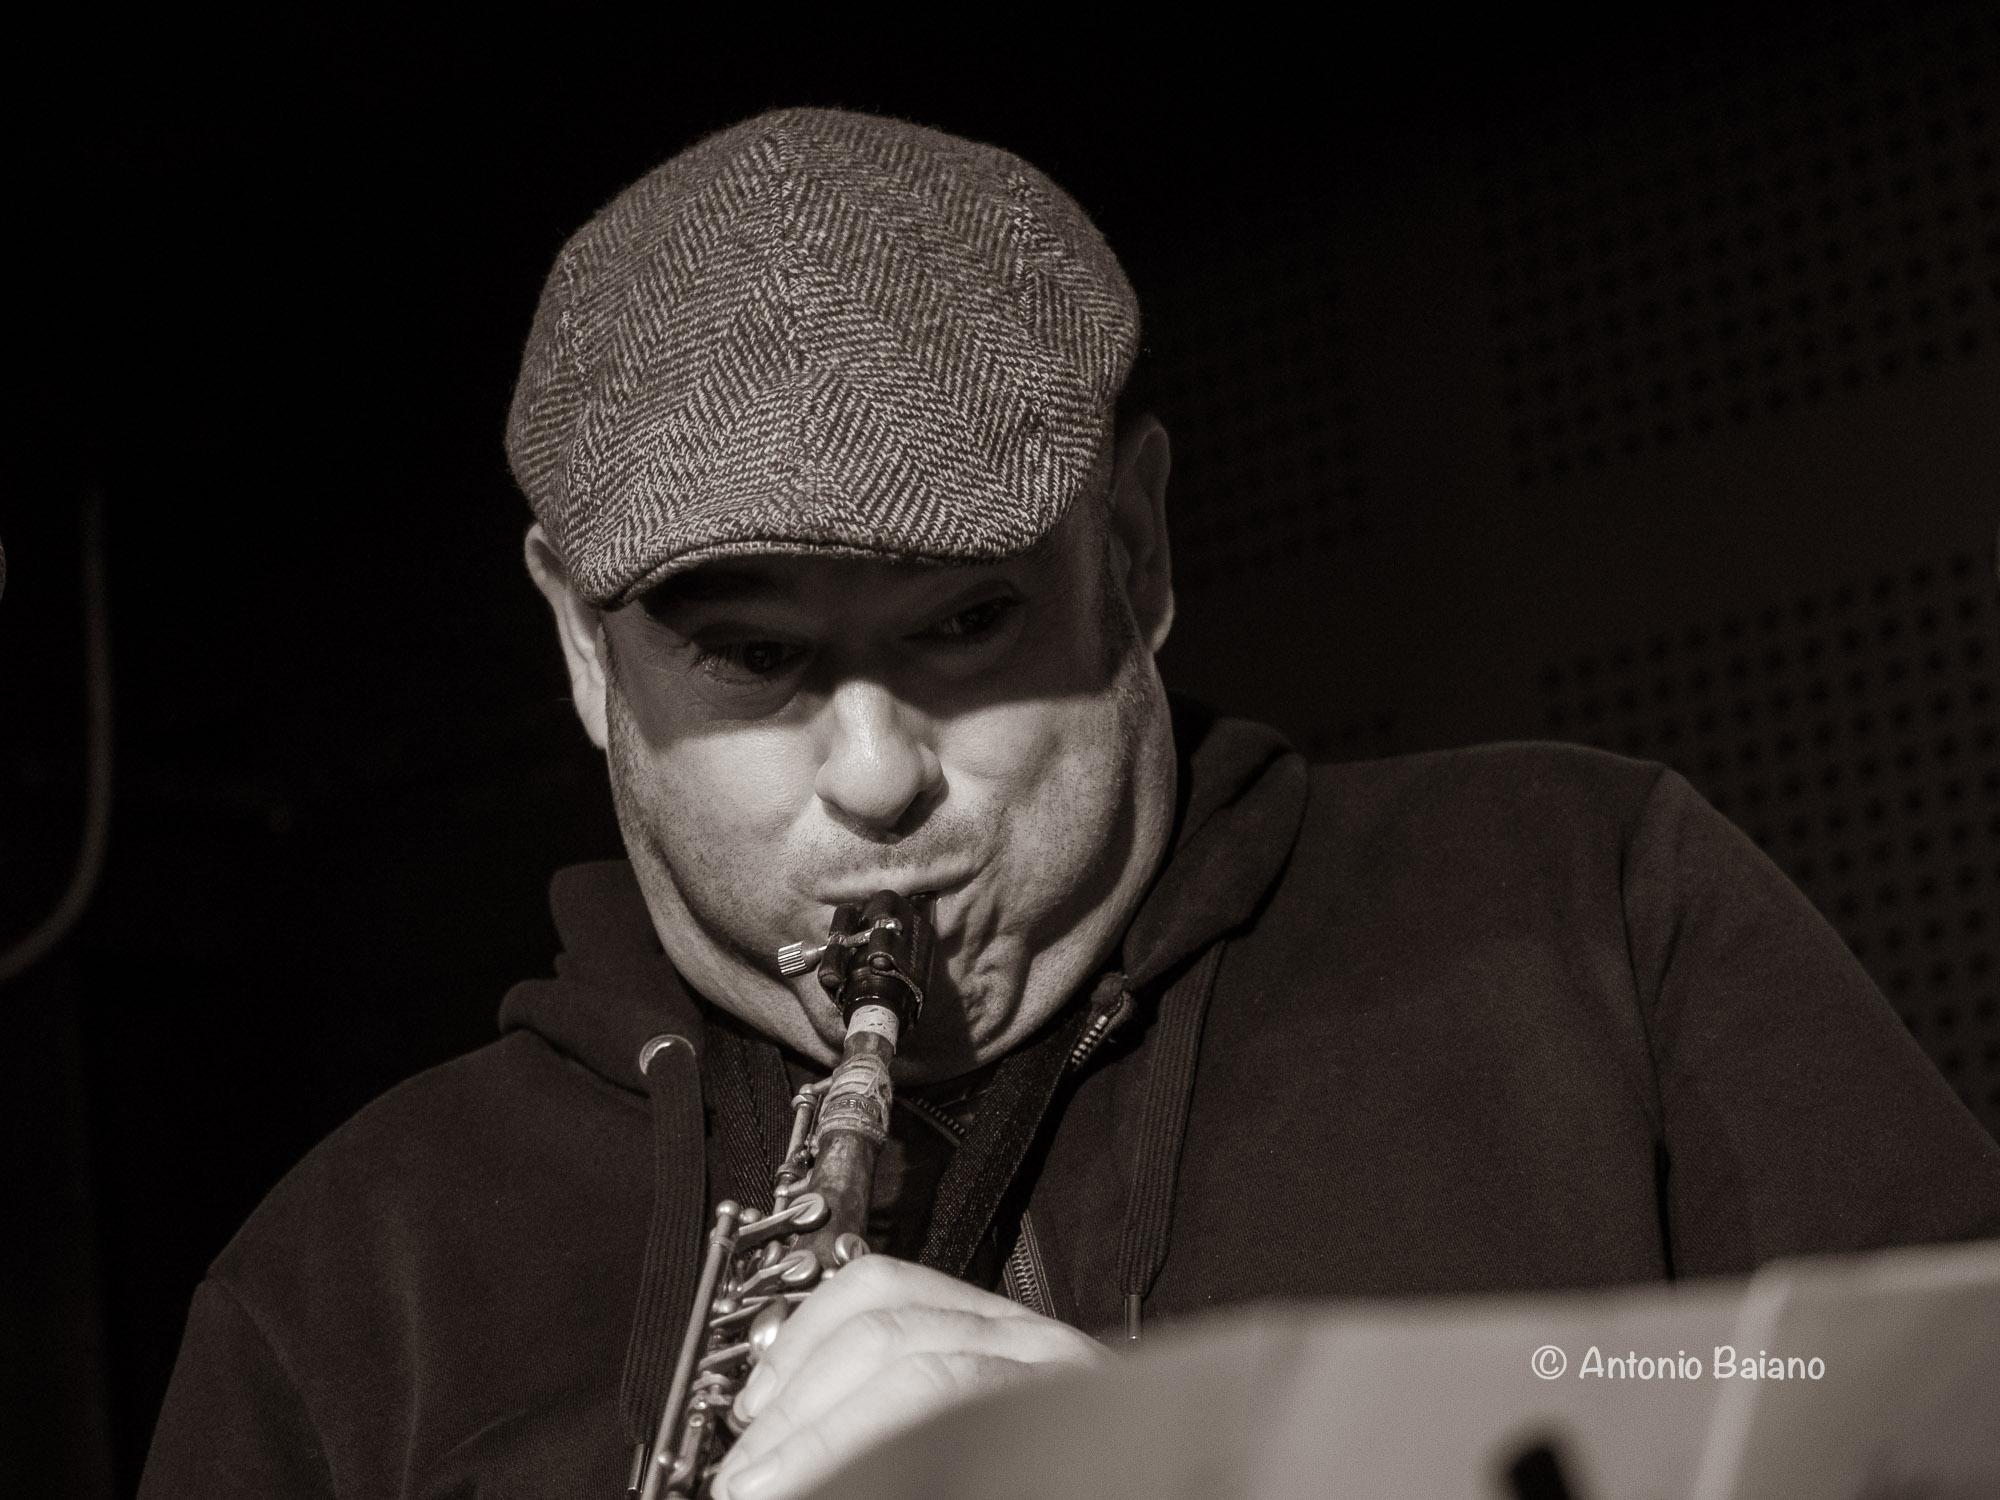 Gavino Murgia